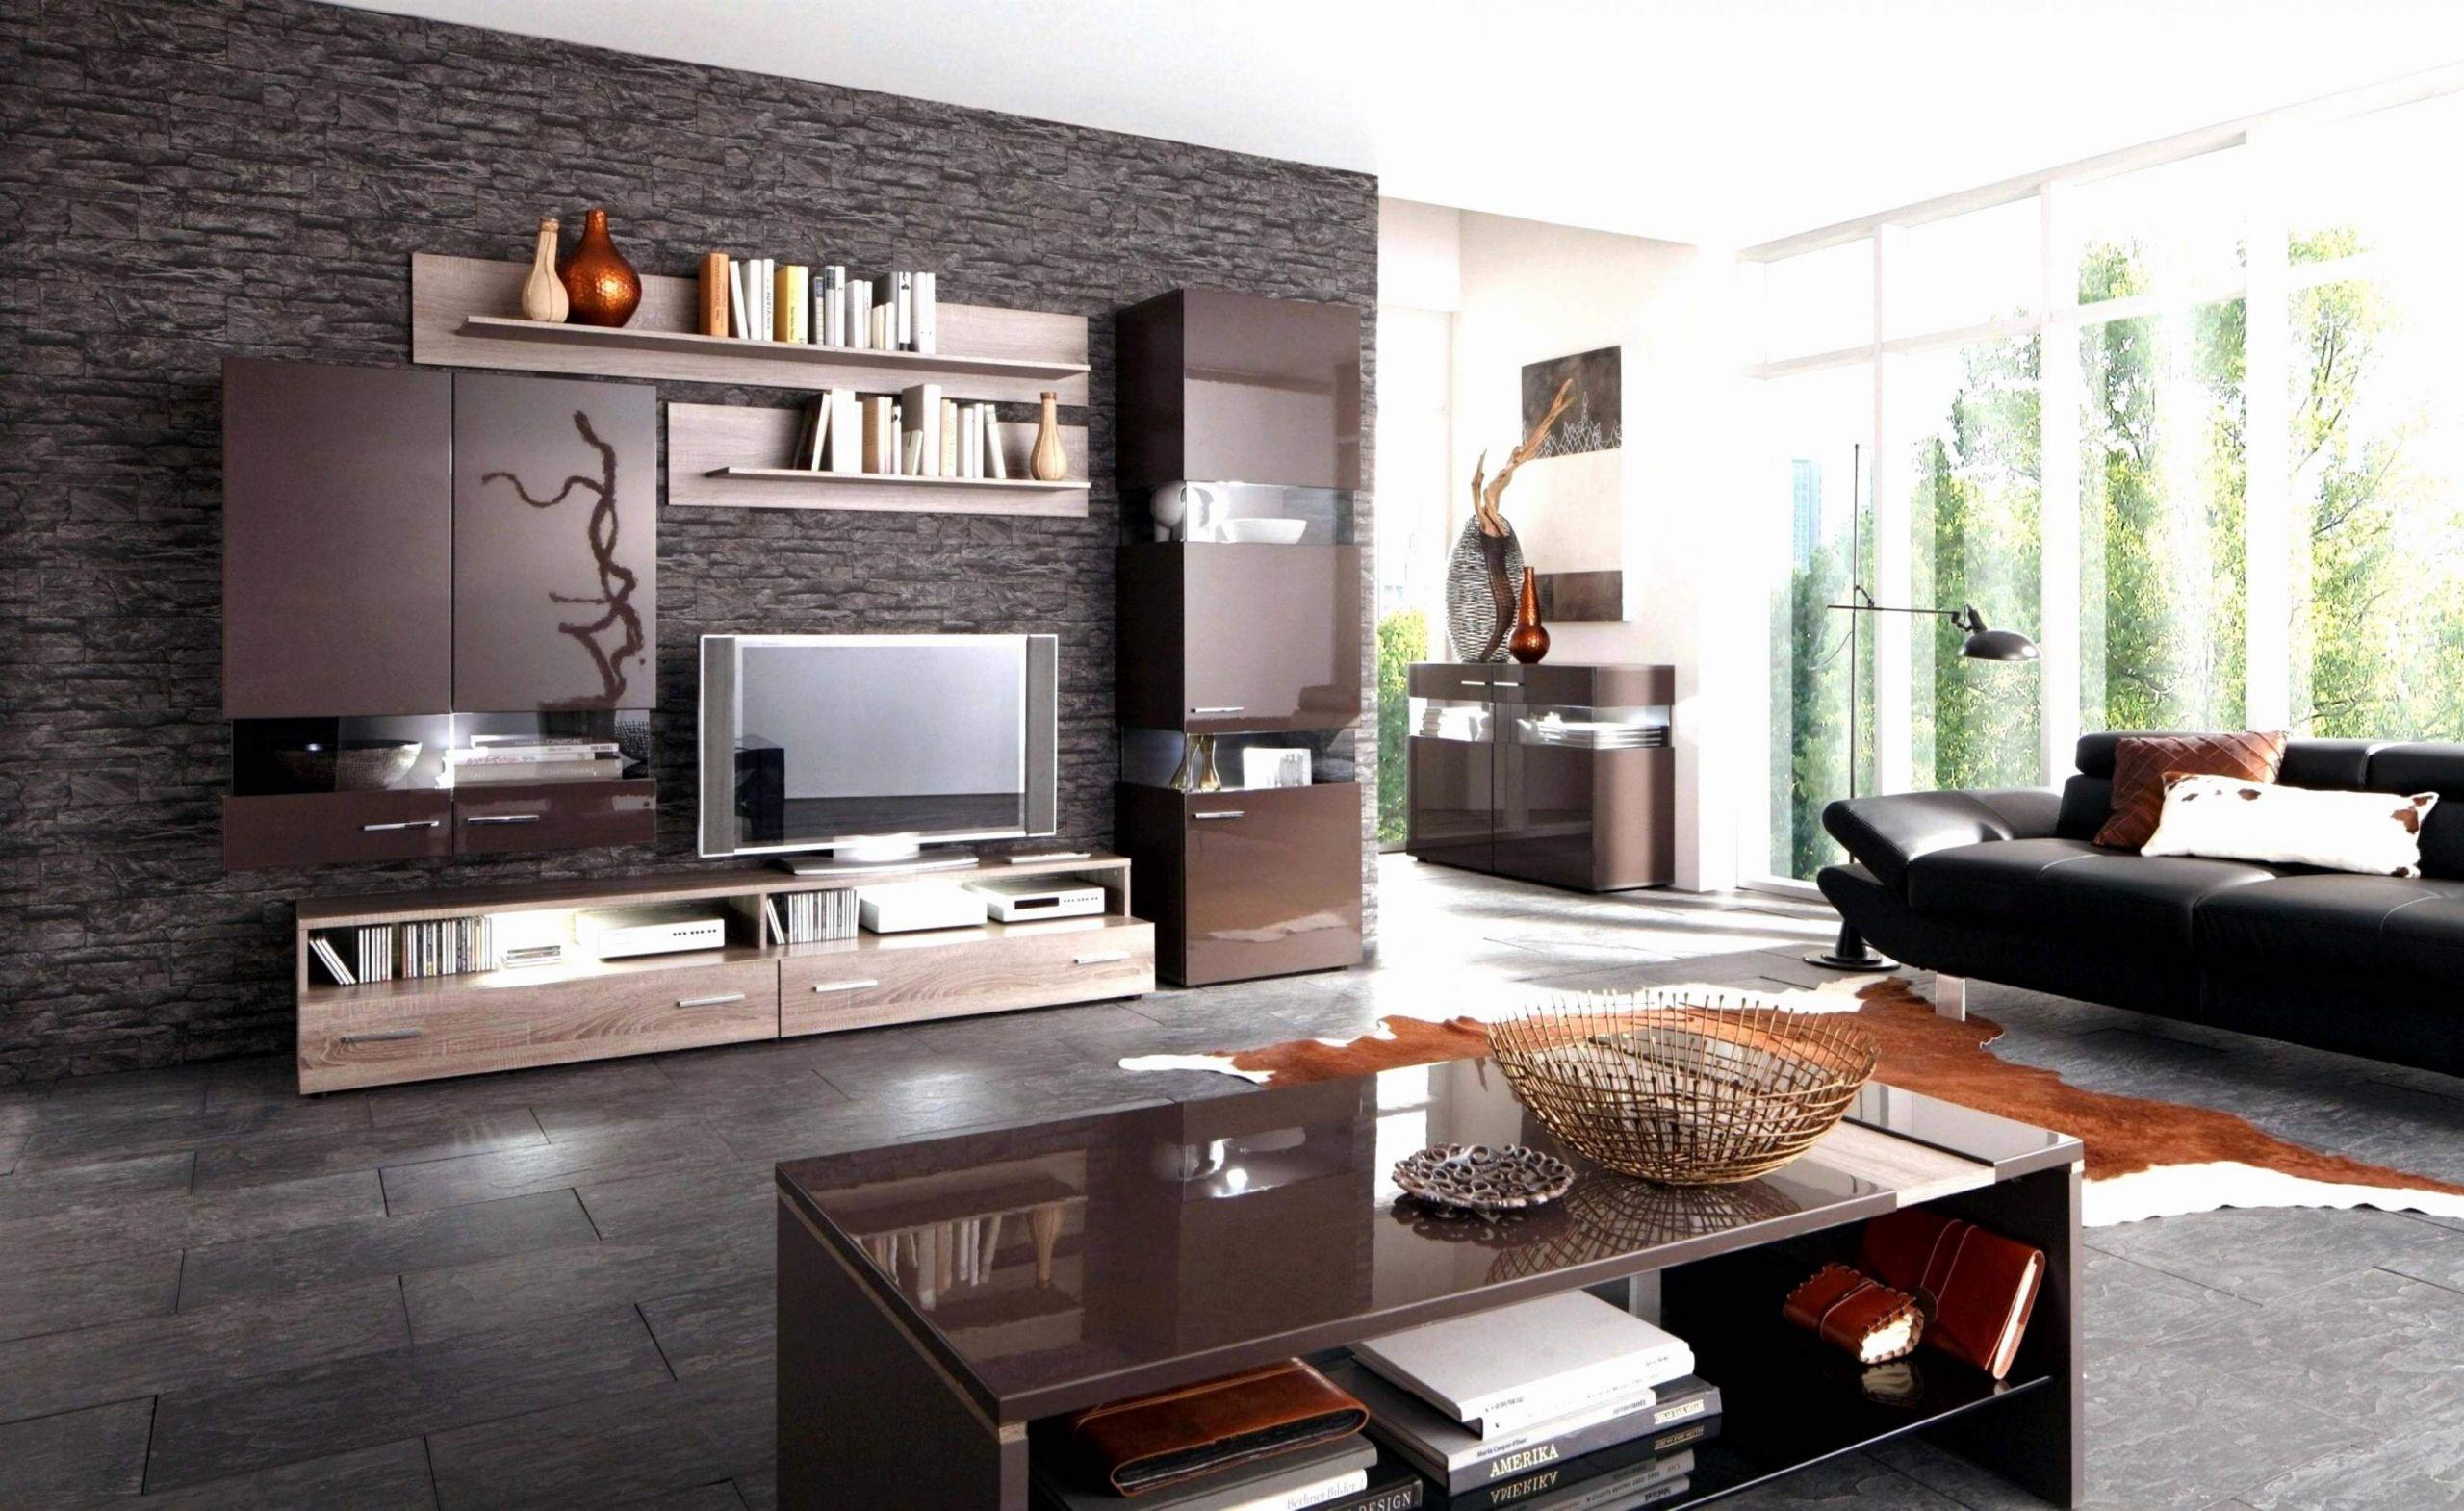 esszimmer modern luxus einzigartig 29 design beste mobelideen wohnen luxus berlin wohnen luxus berlin